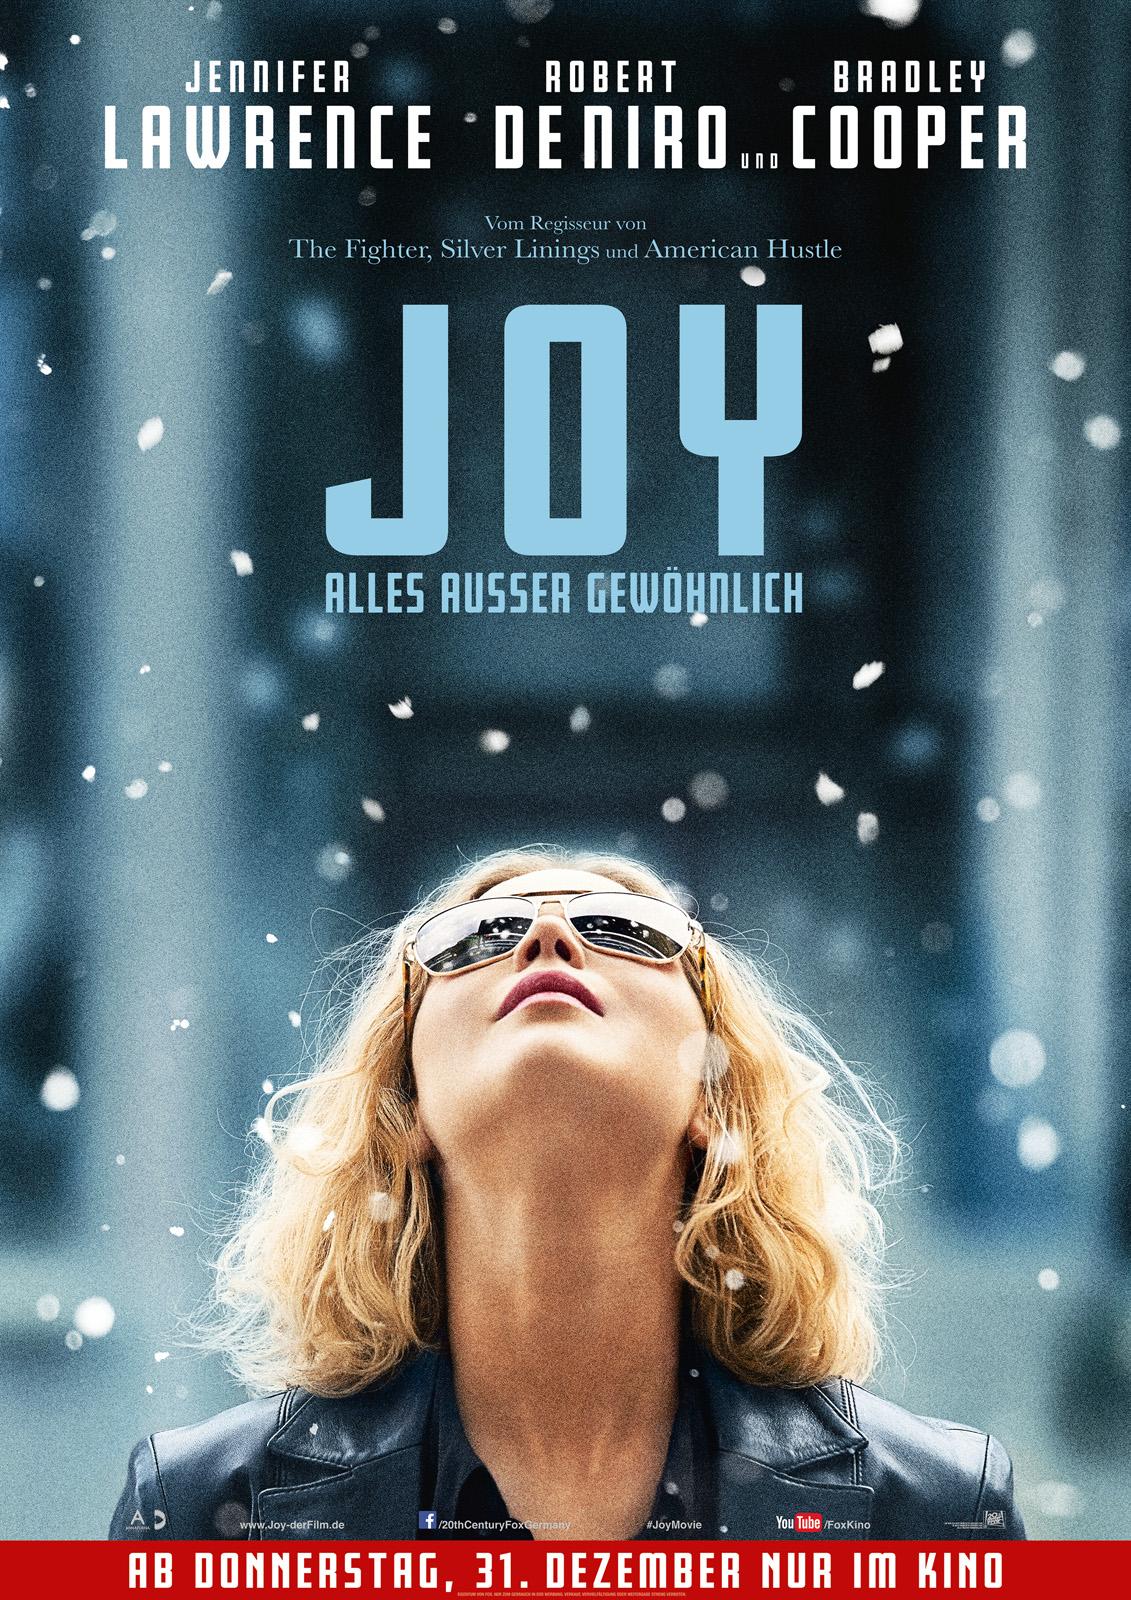 Alles Außer Mord joy - alles außer gewöhnlich - film 2015 - filmstarts.de